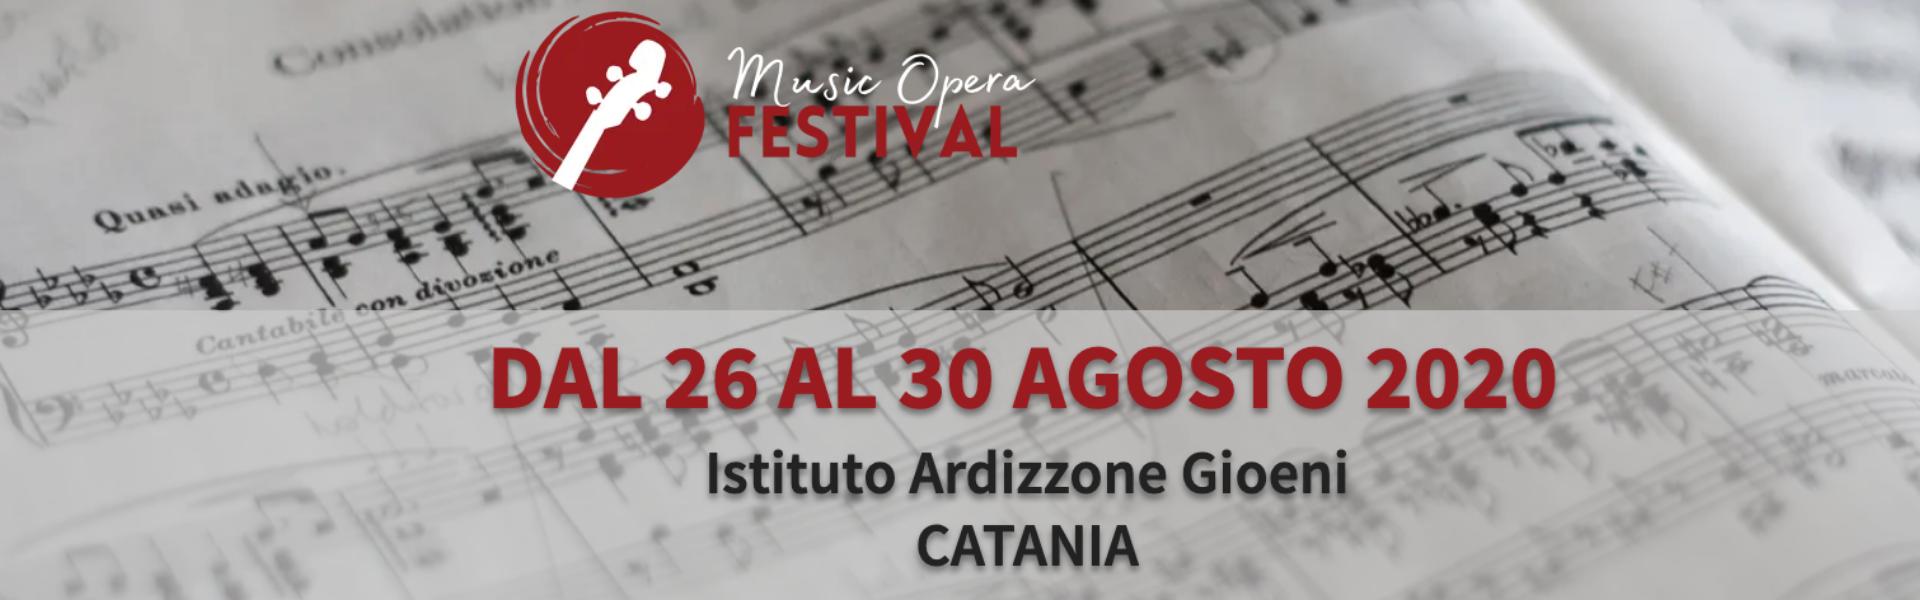 Dal 26 al 30 agosto all'Ardizzone Gioeni il Music Opera Festival